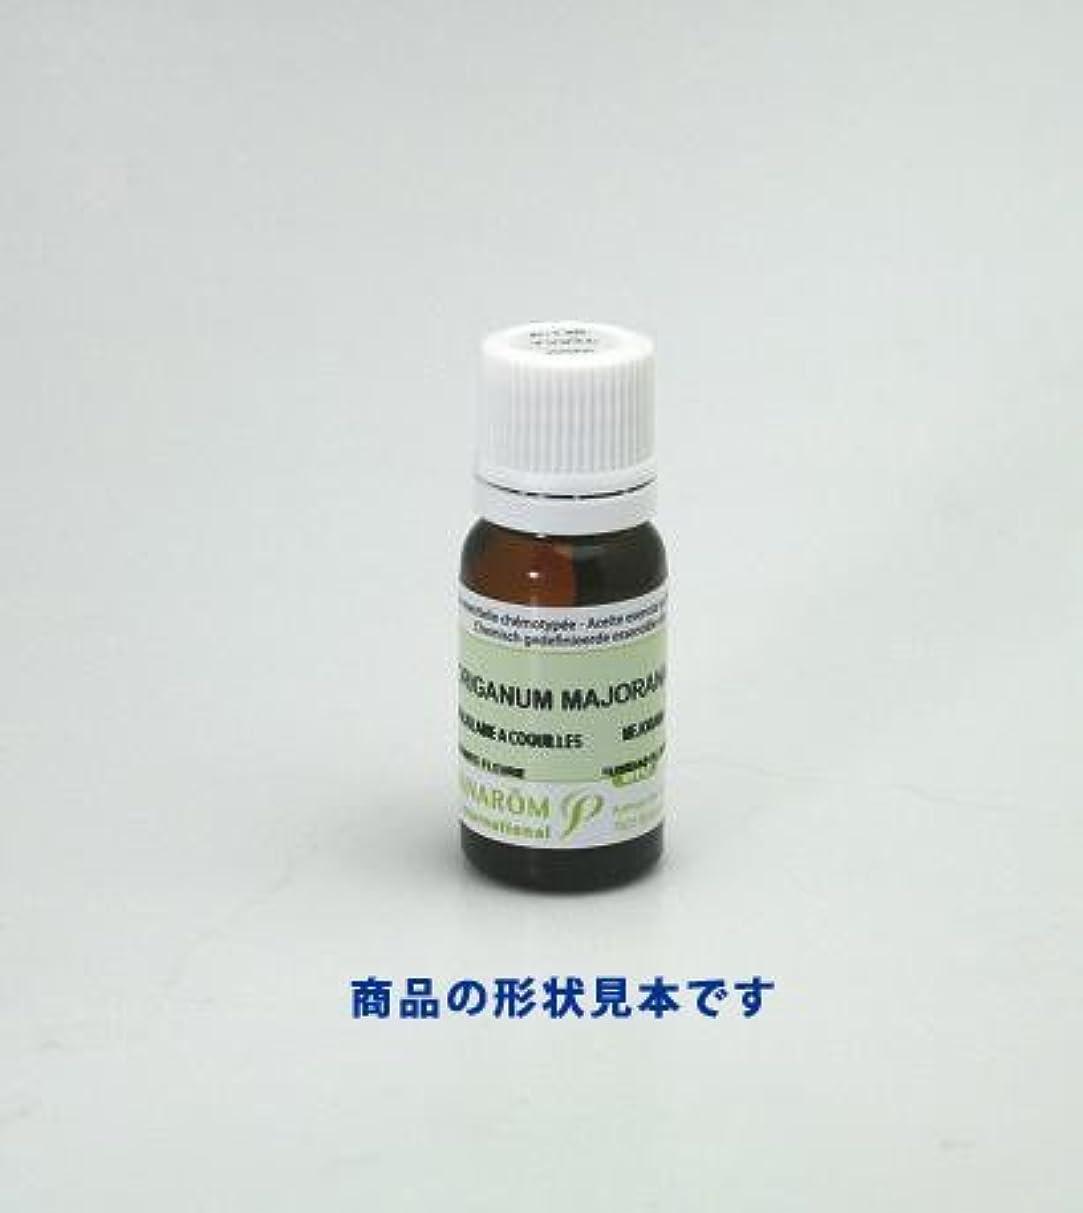 グレー天の慎重にプラナロム レモンバーベナ精油(P-106)